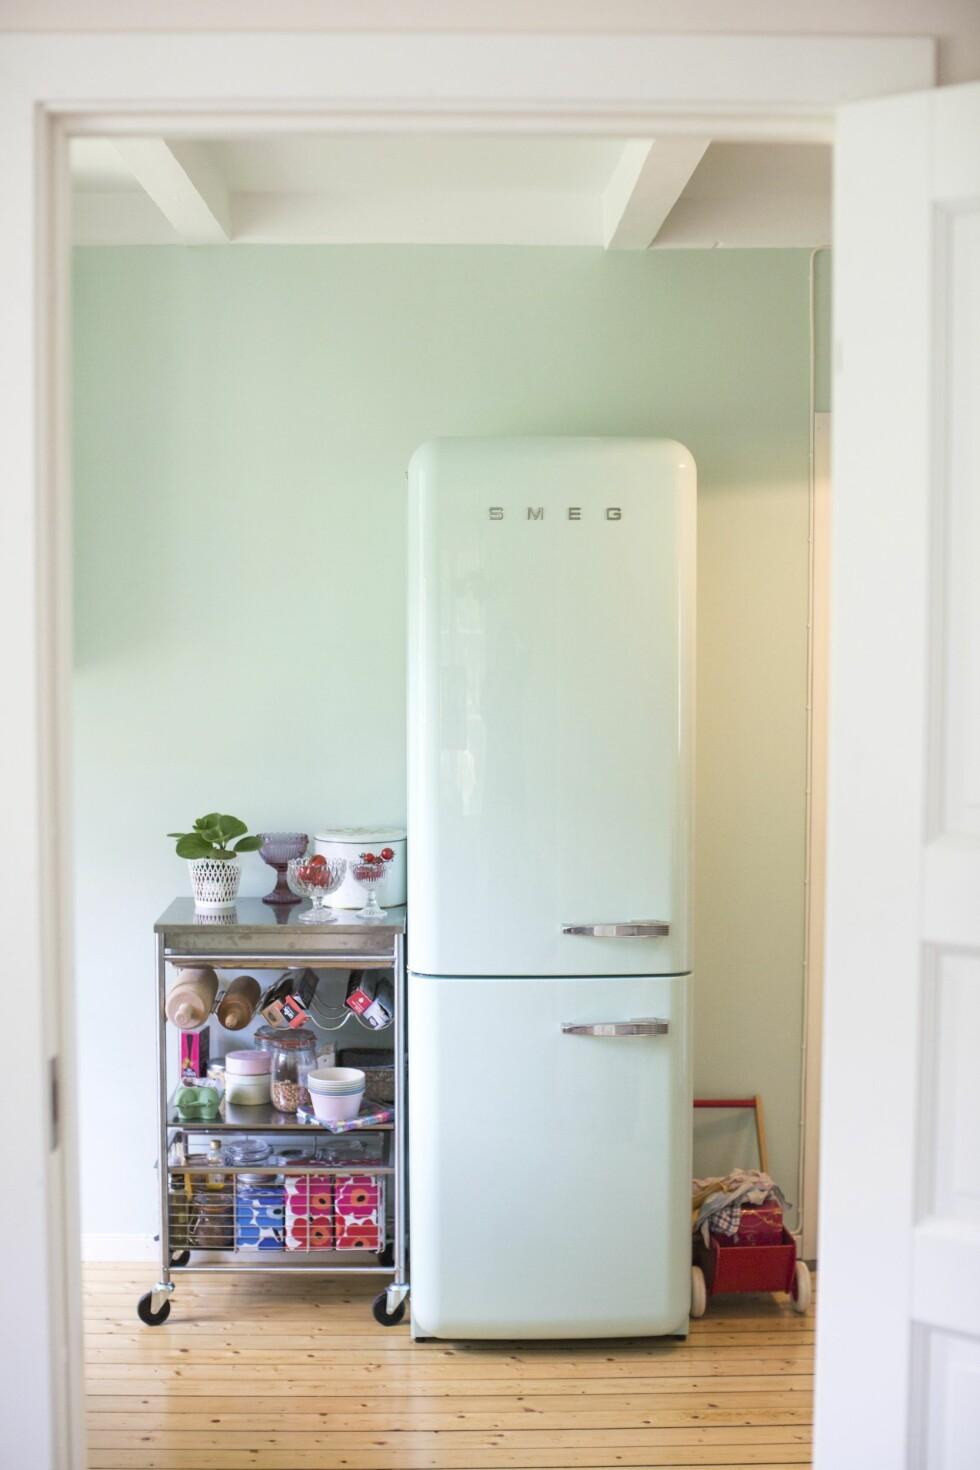 Det turkise kjøleskapet er ikke kjøpt lokalt.... Foto: Mariell Øyre